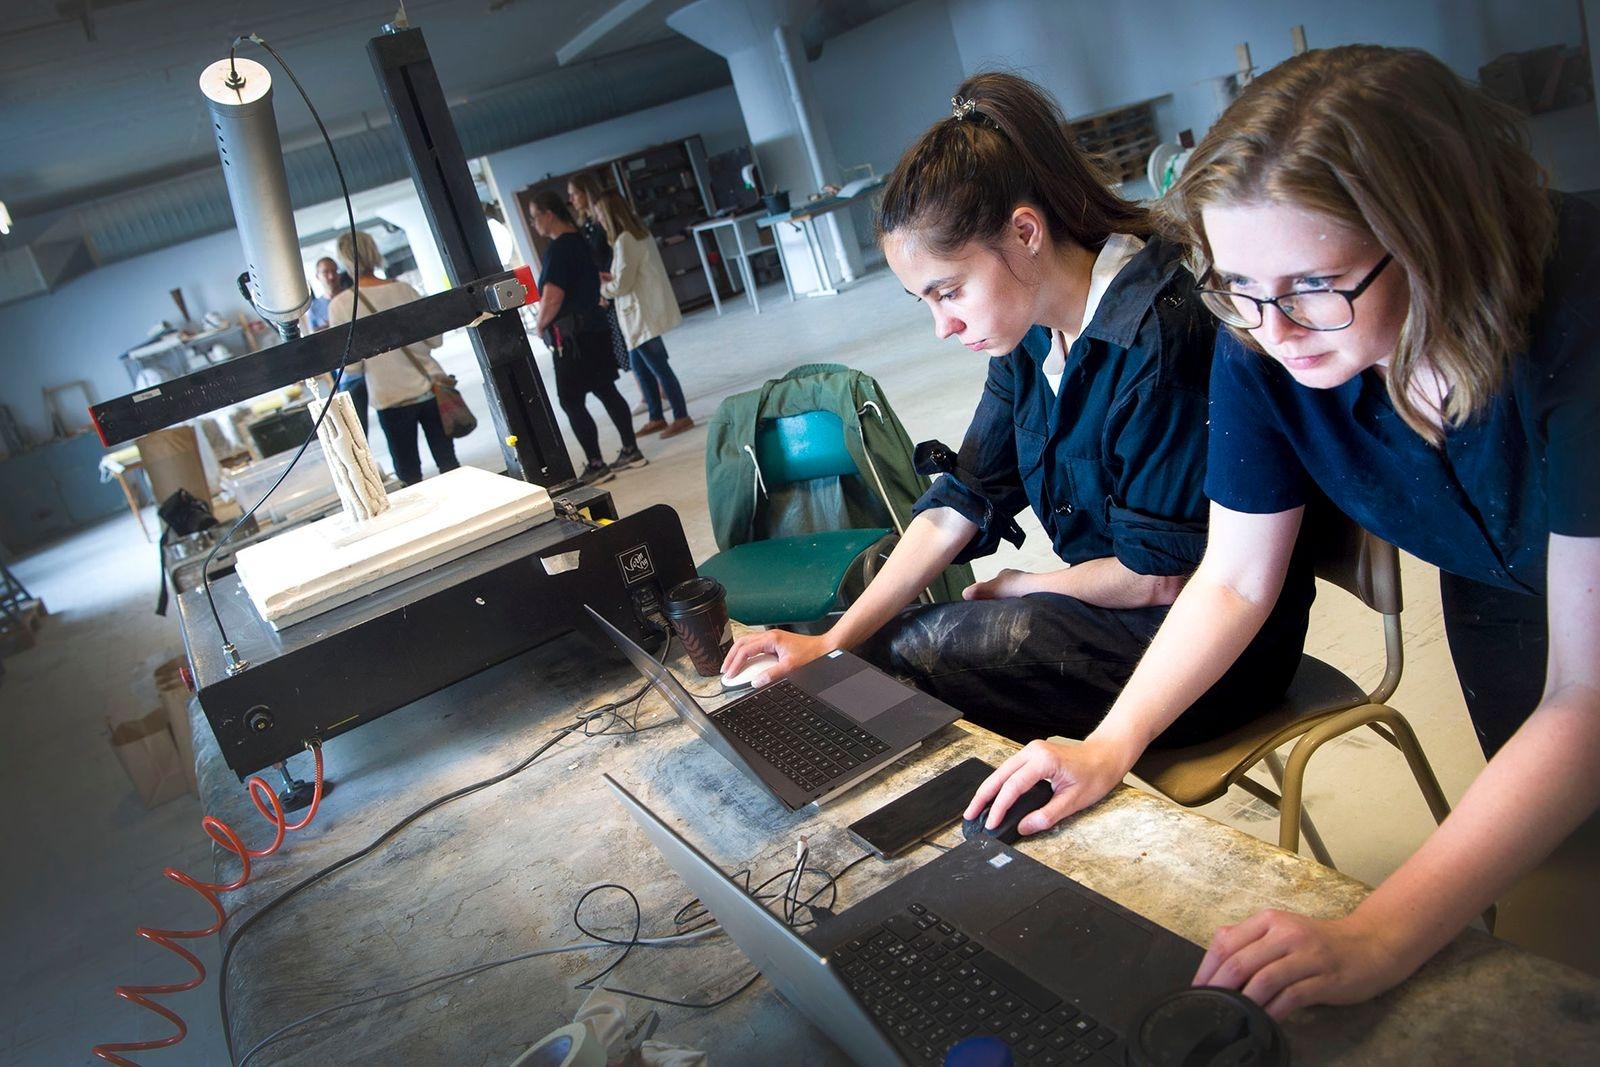 Forskarstudenten Anna Goidea från Rumänien och Elin Daun höll koll på tillverkningen via datorer.